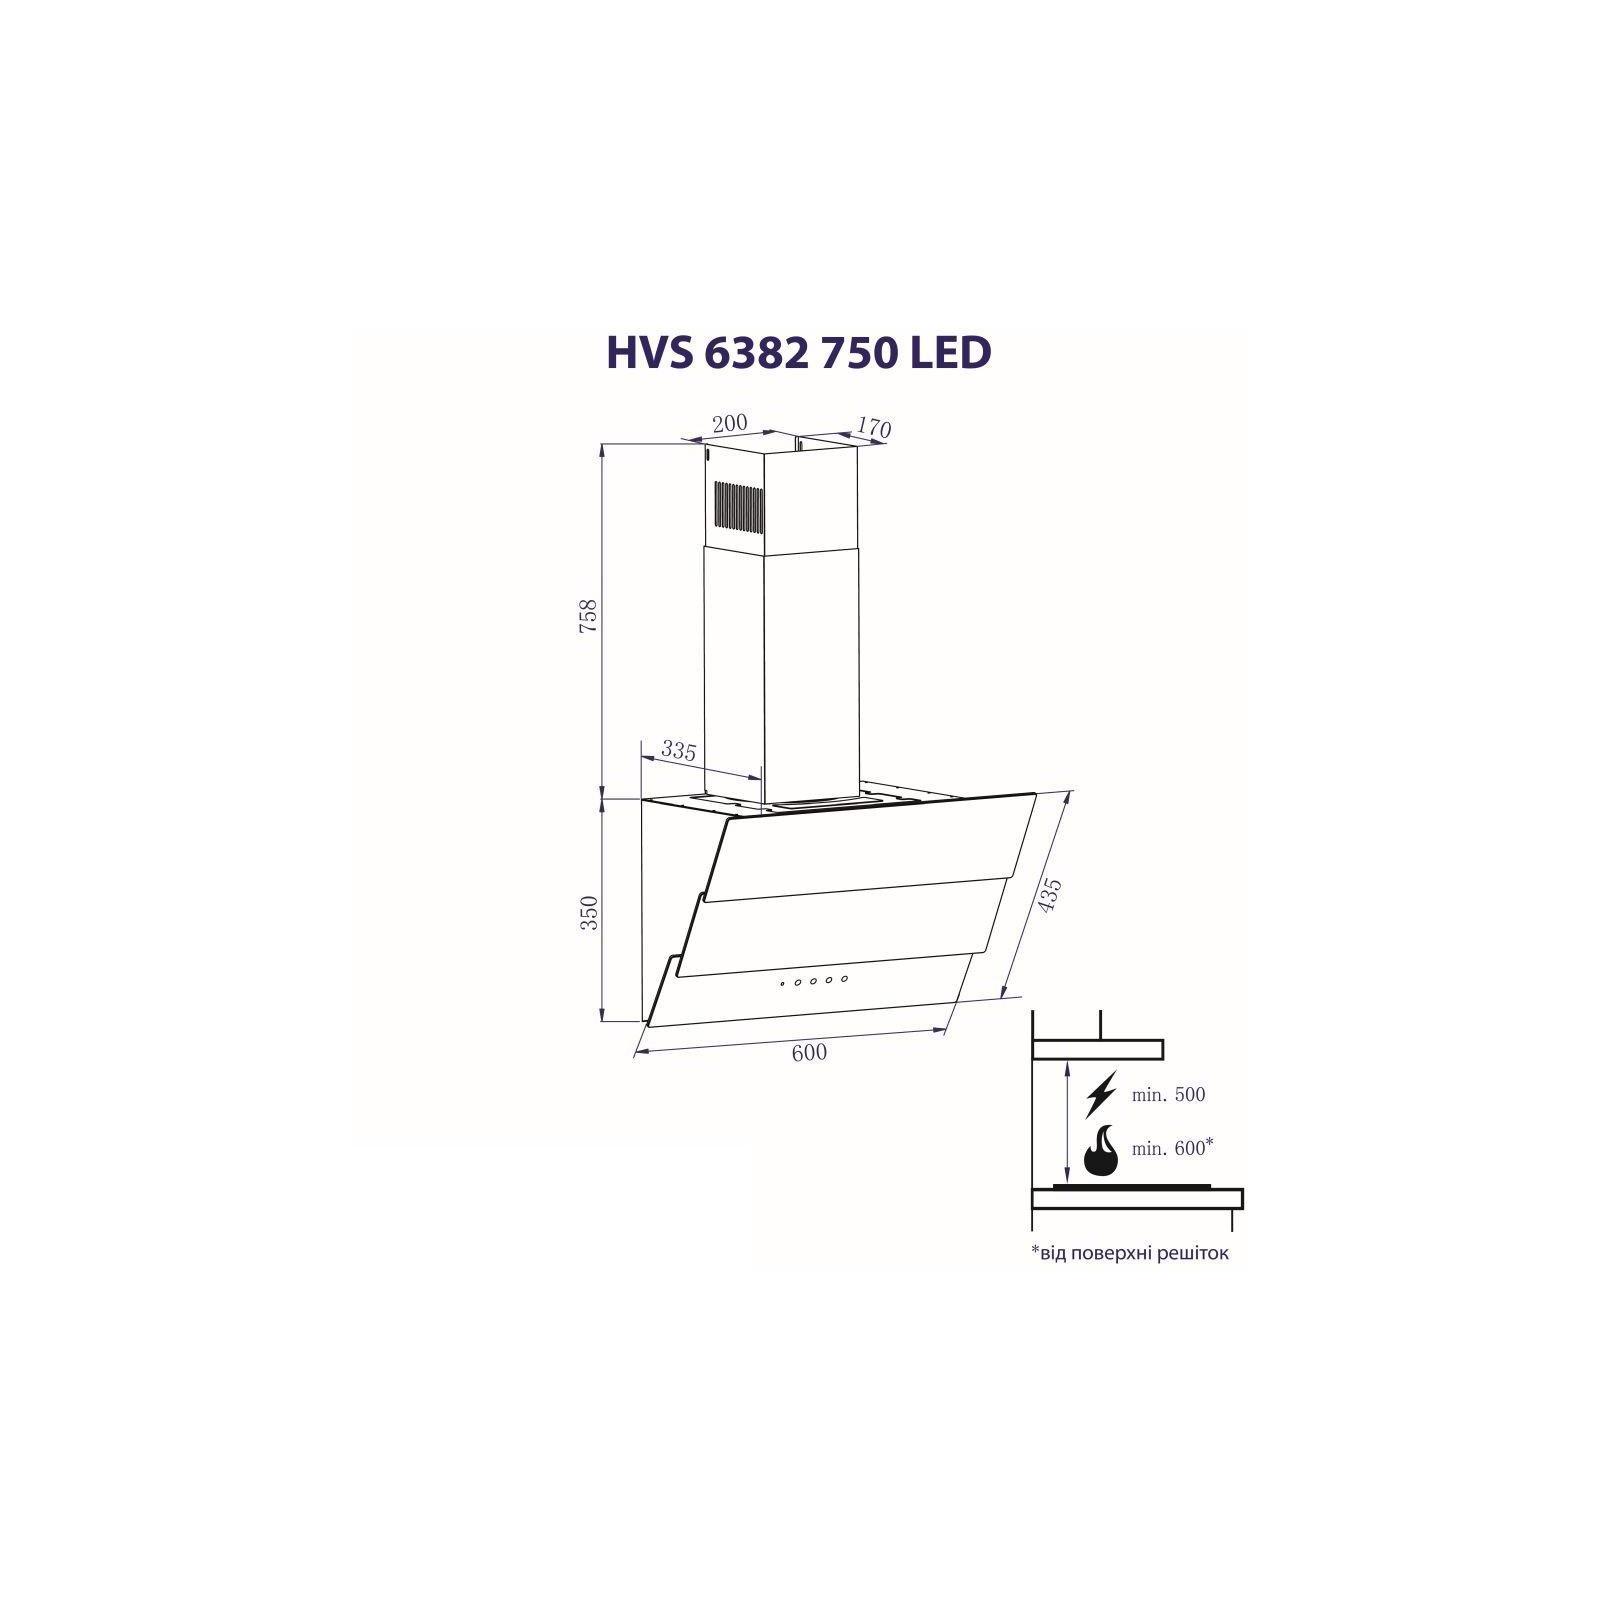 Вытяжка кухонная MINOLA HVS 6382 WH 750 LED изображение 8